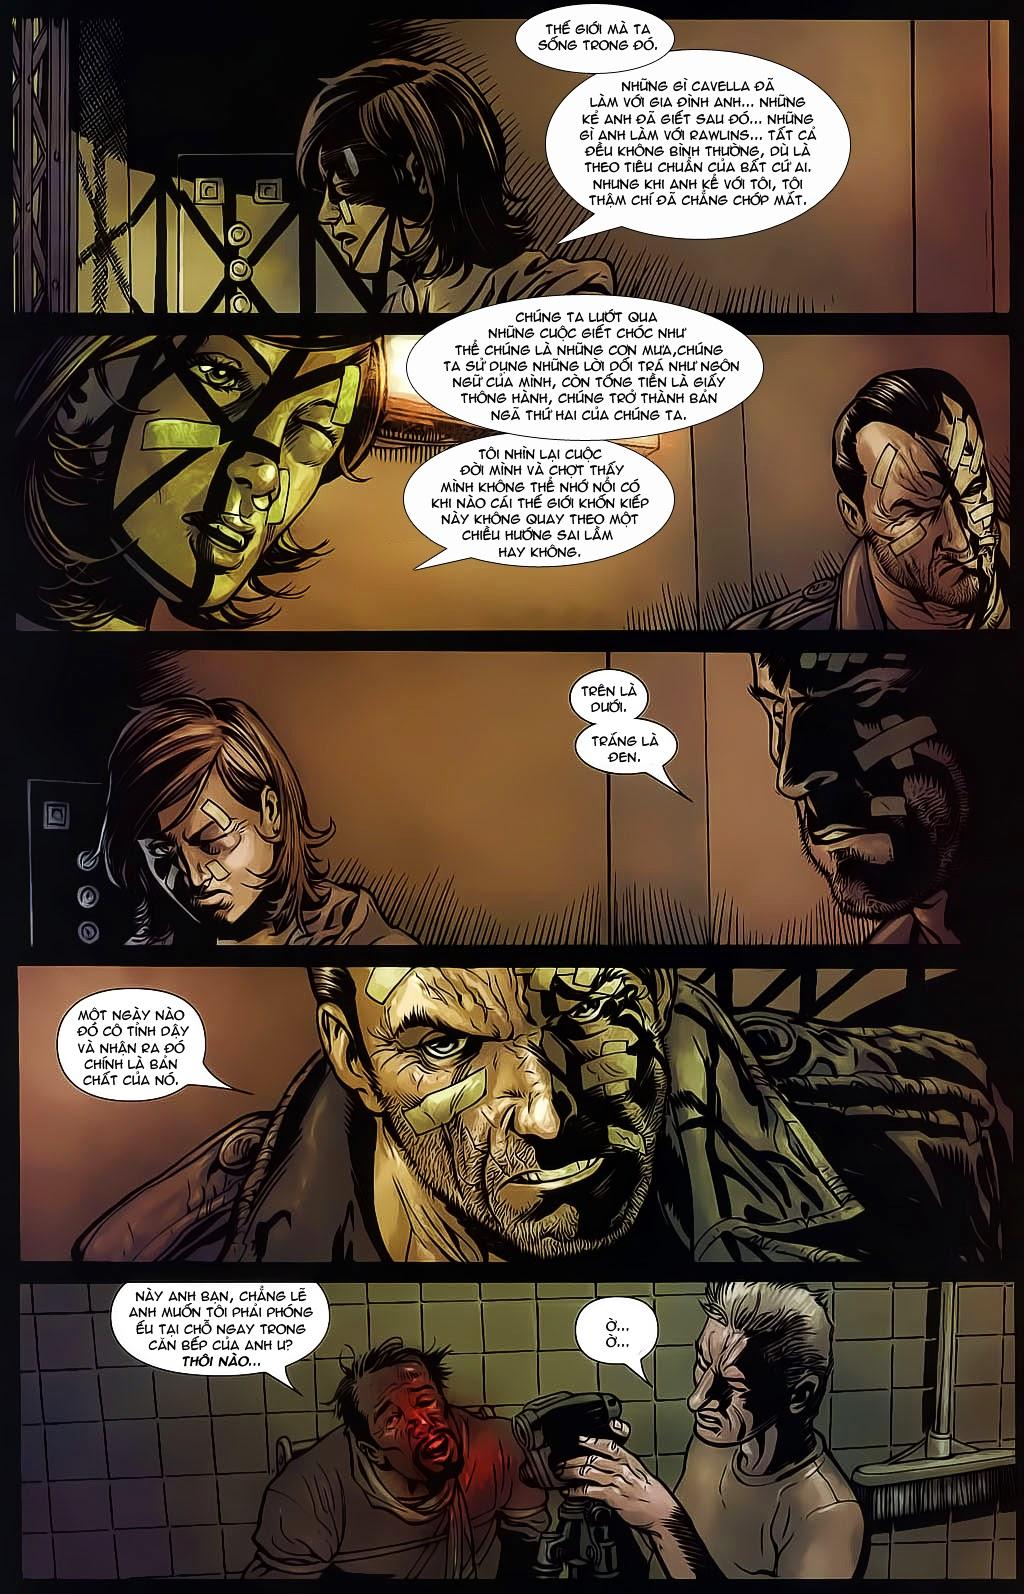 The Punisher: Trên là Dưới & Trắng là Đen chap 6 - Trang 15